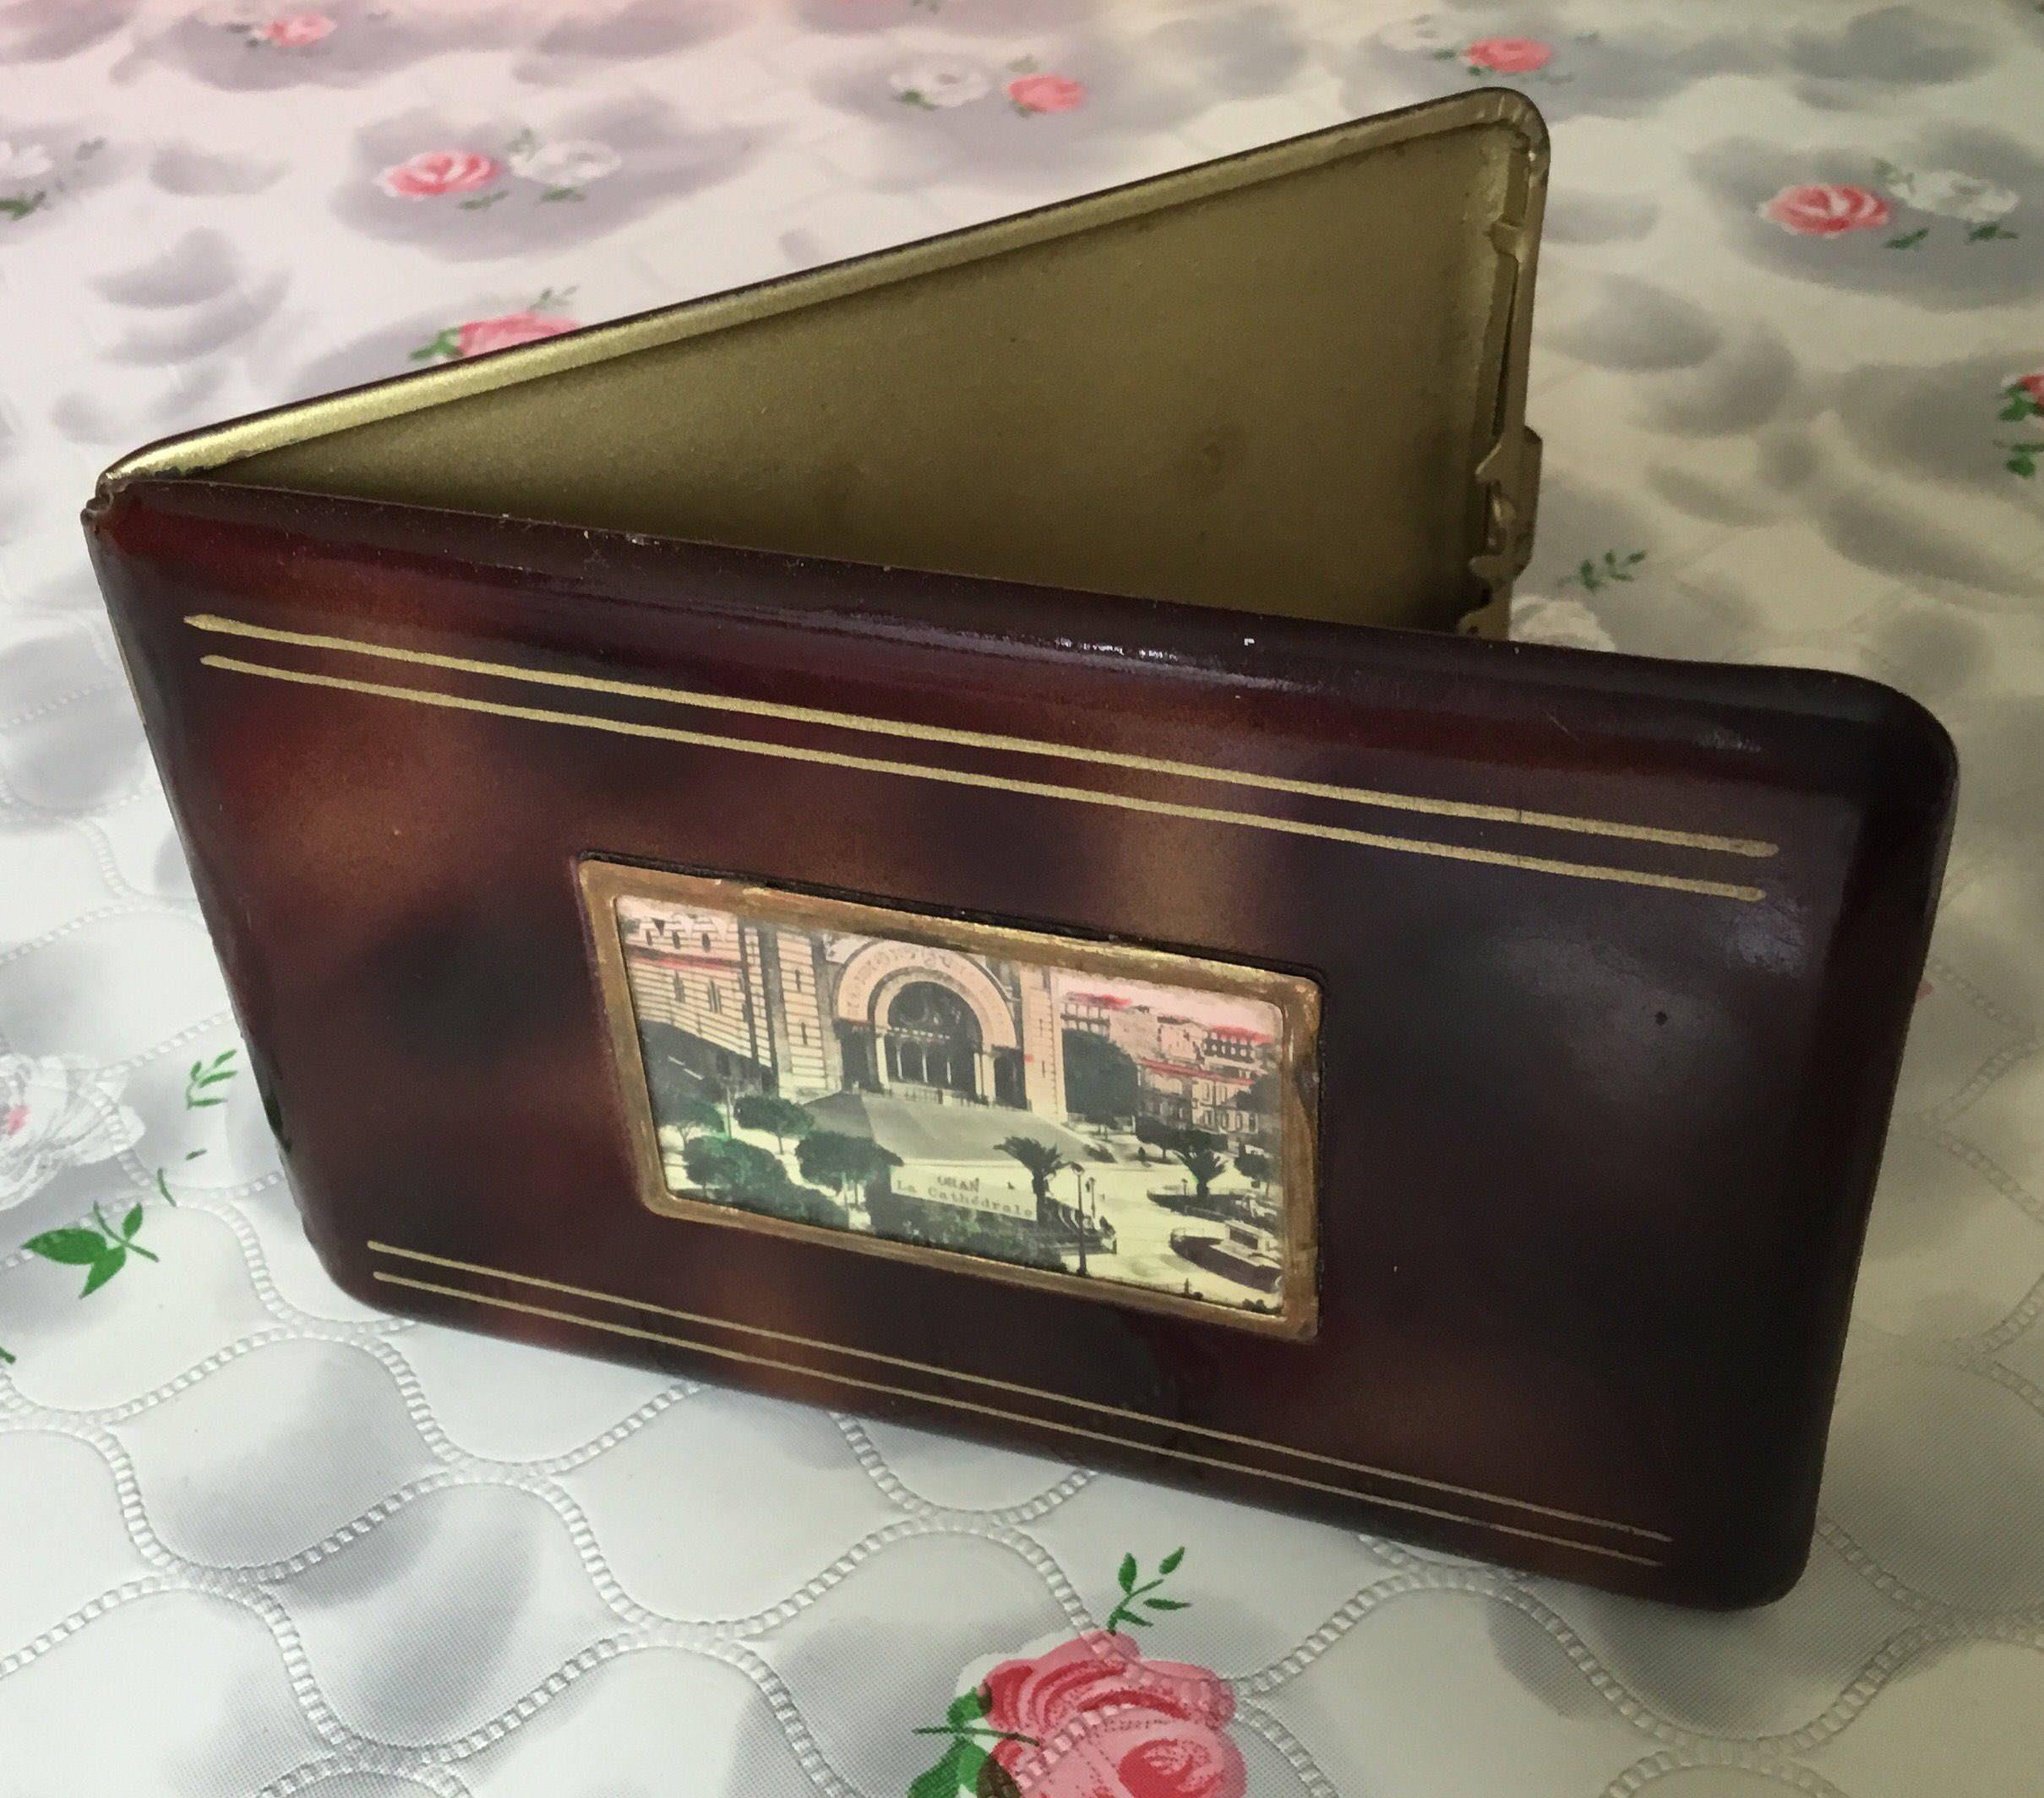 Vintage cigarette case, plastic cigarette holder, Algeria souvenir ...